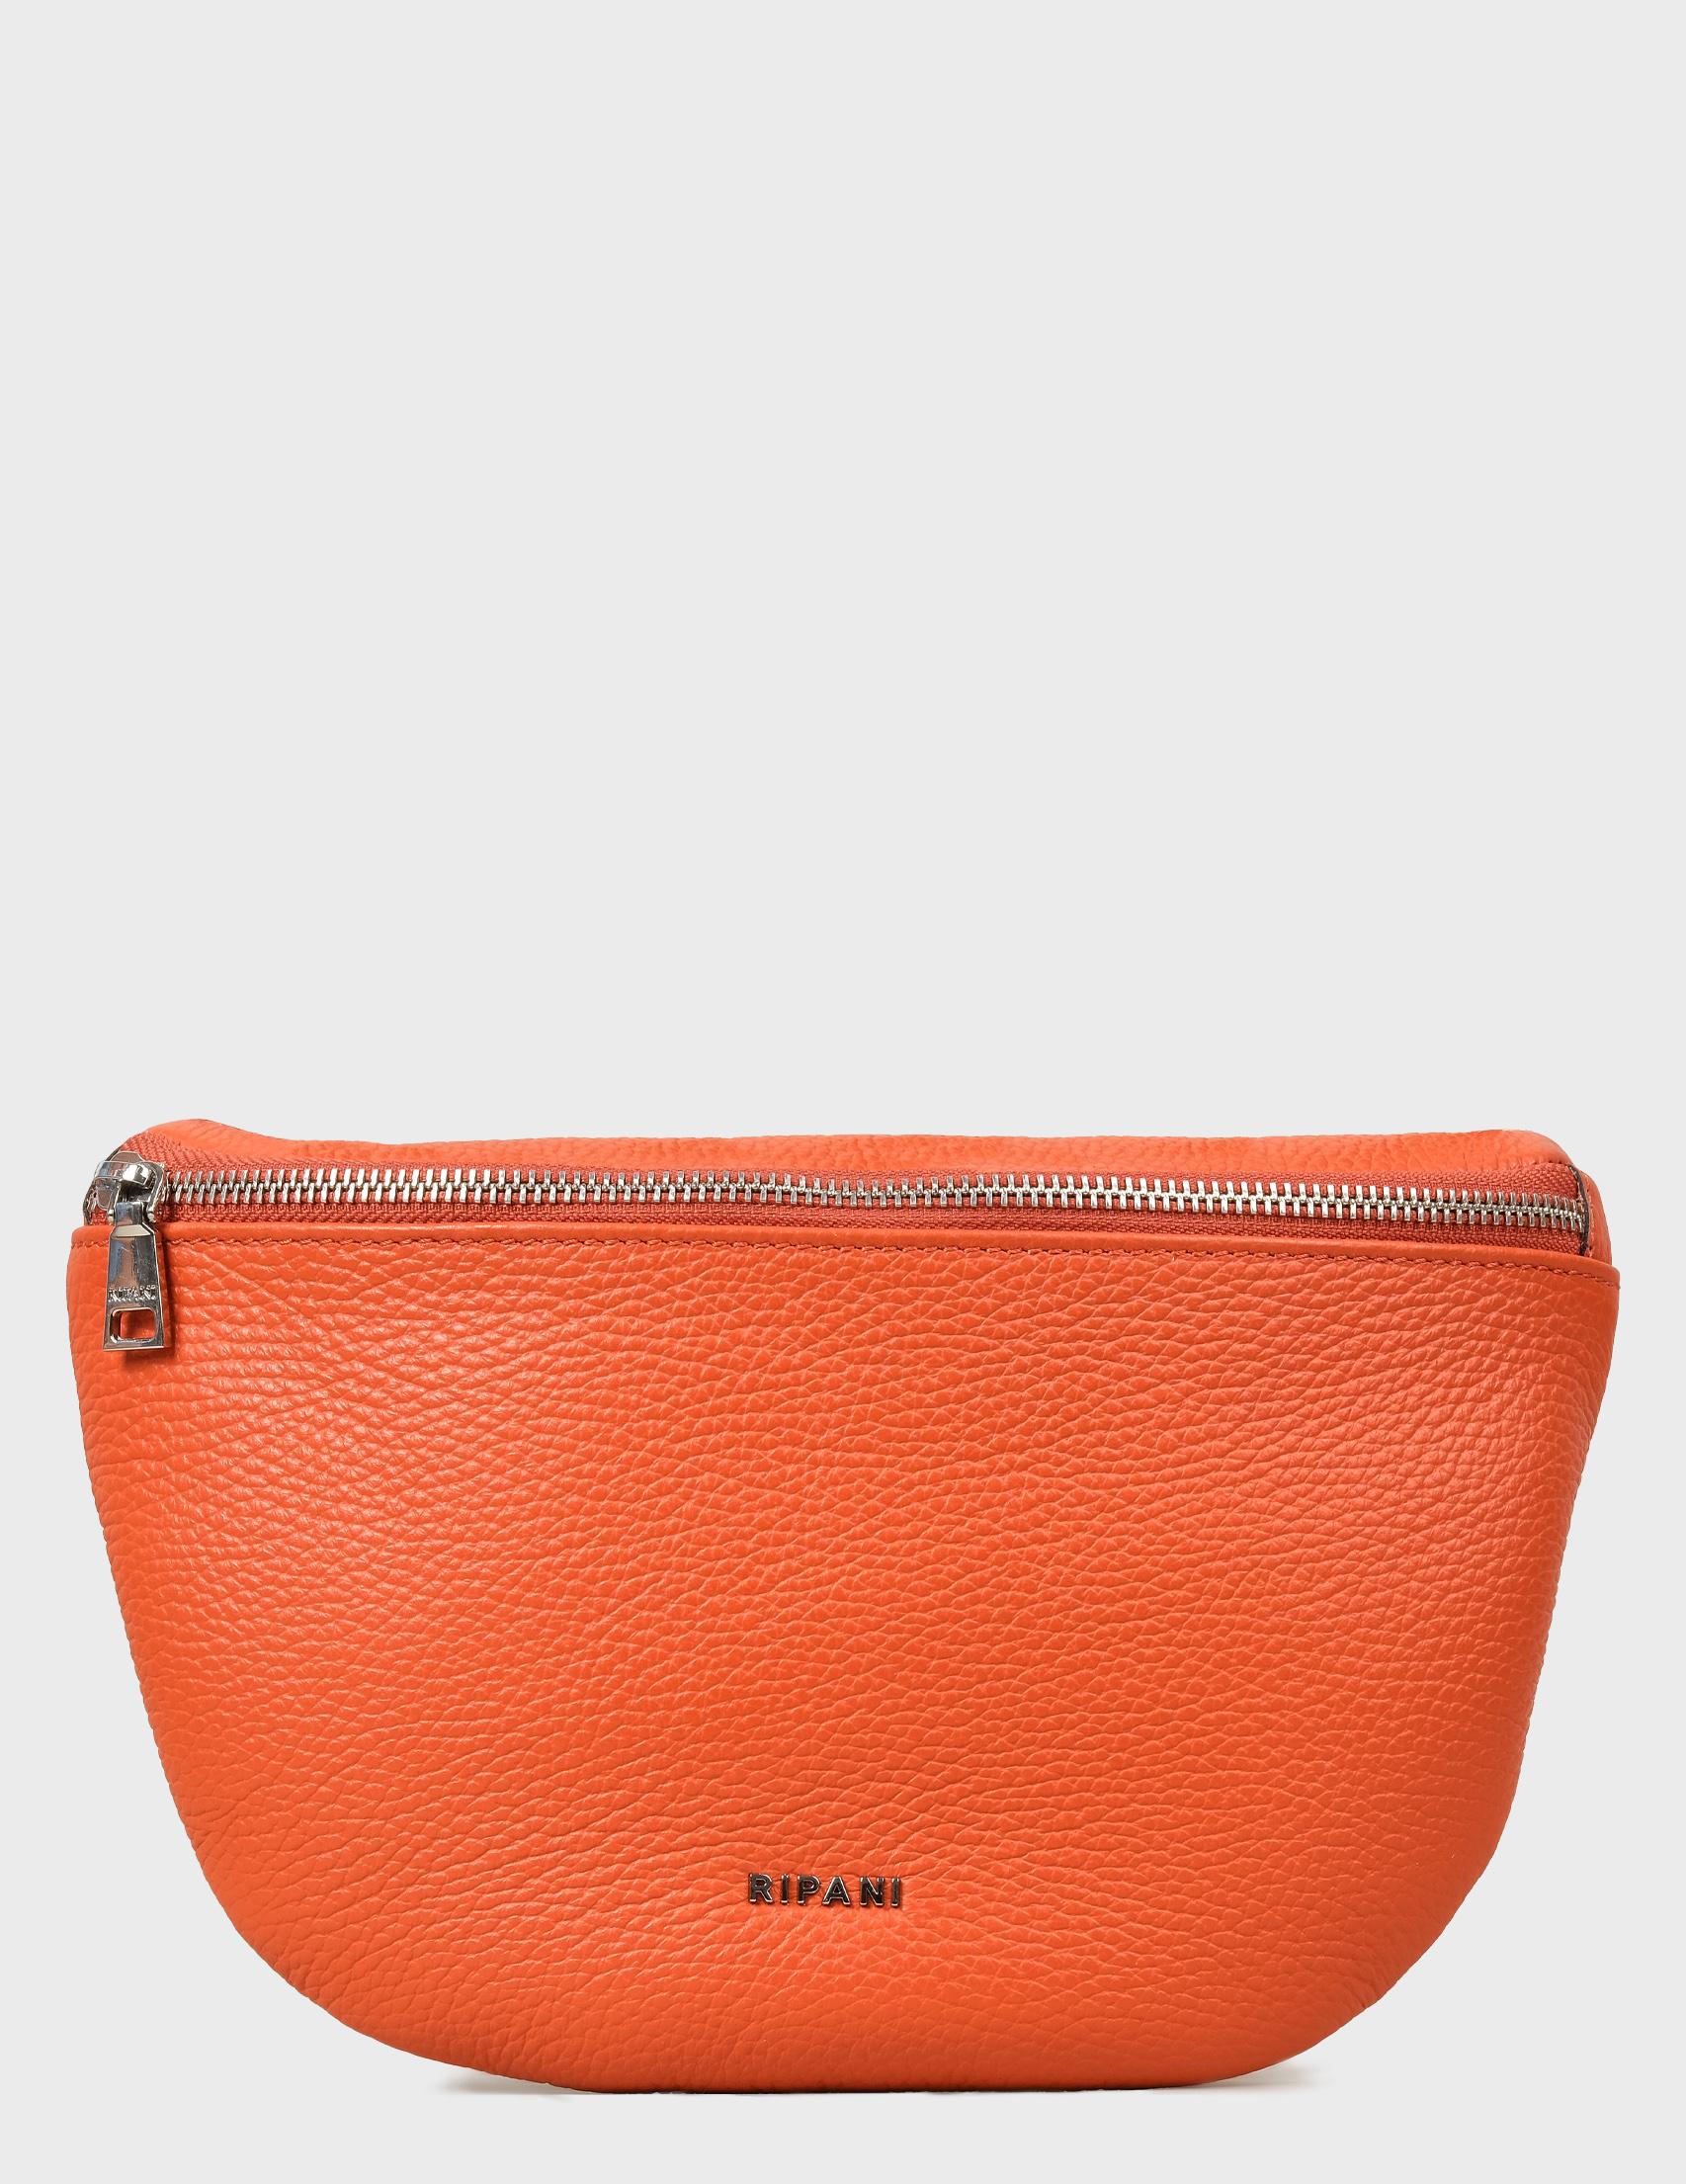 Купить Женские сумки, Сумка, RIPANI, Оранжевый, Весна-Лето